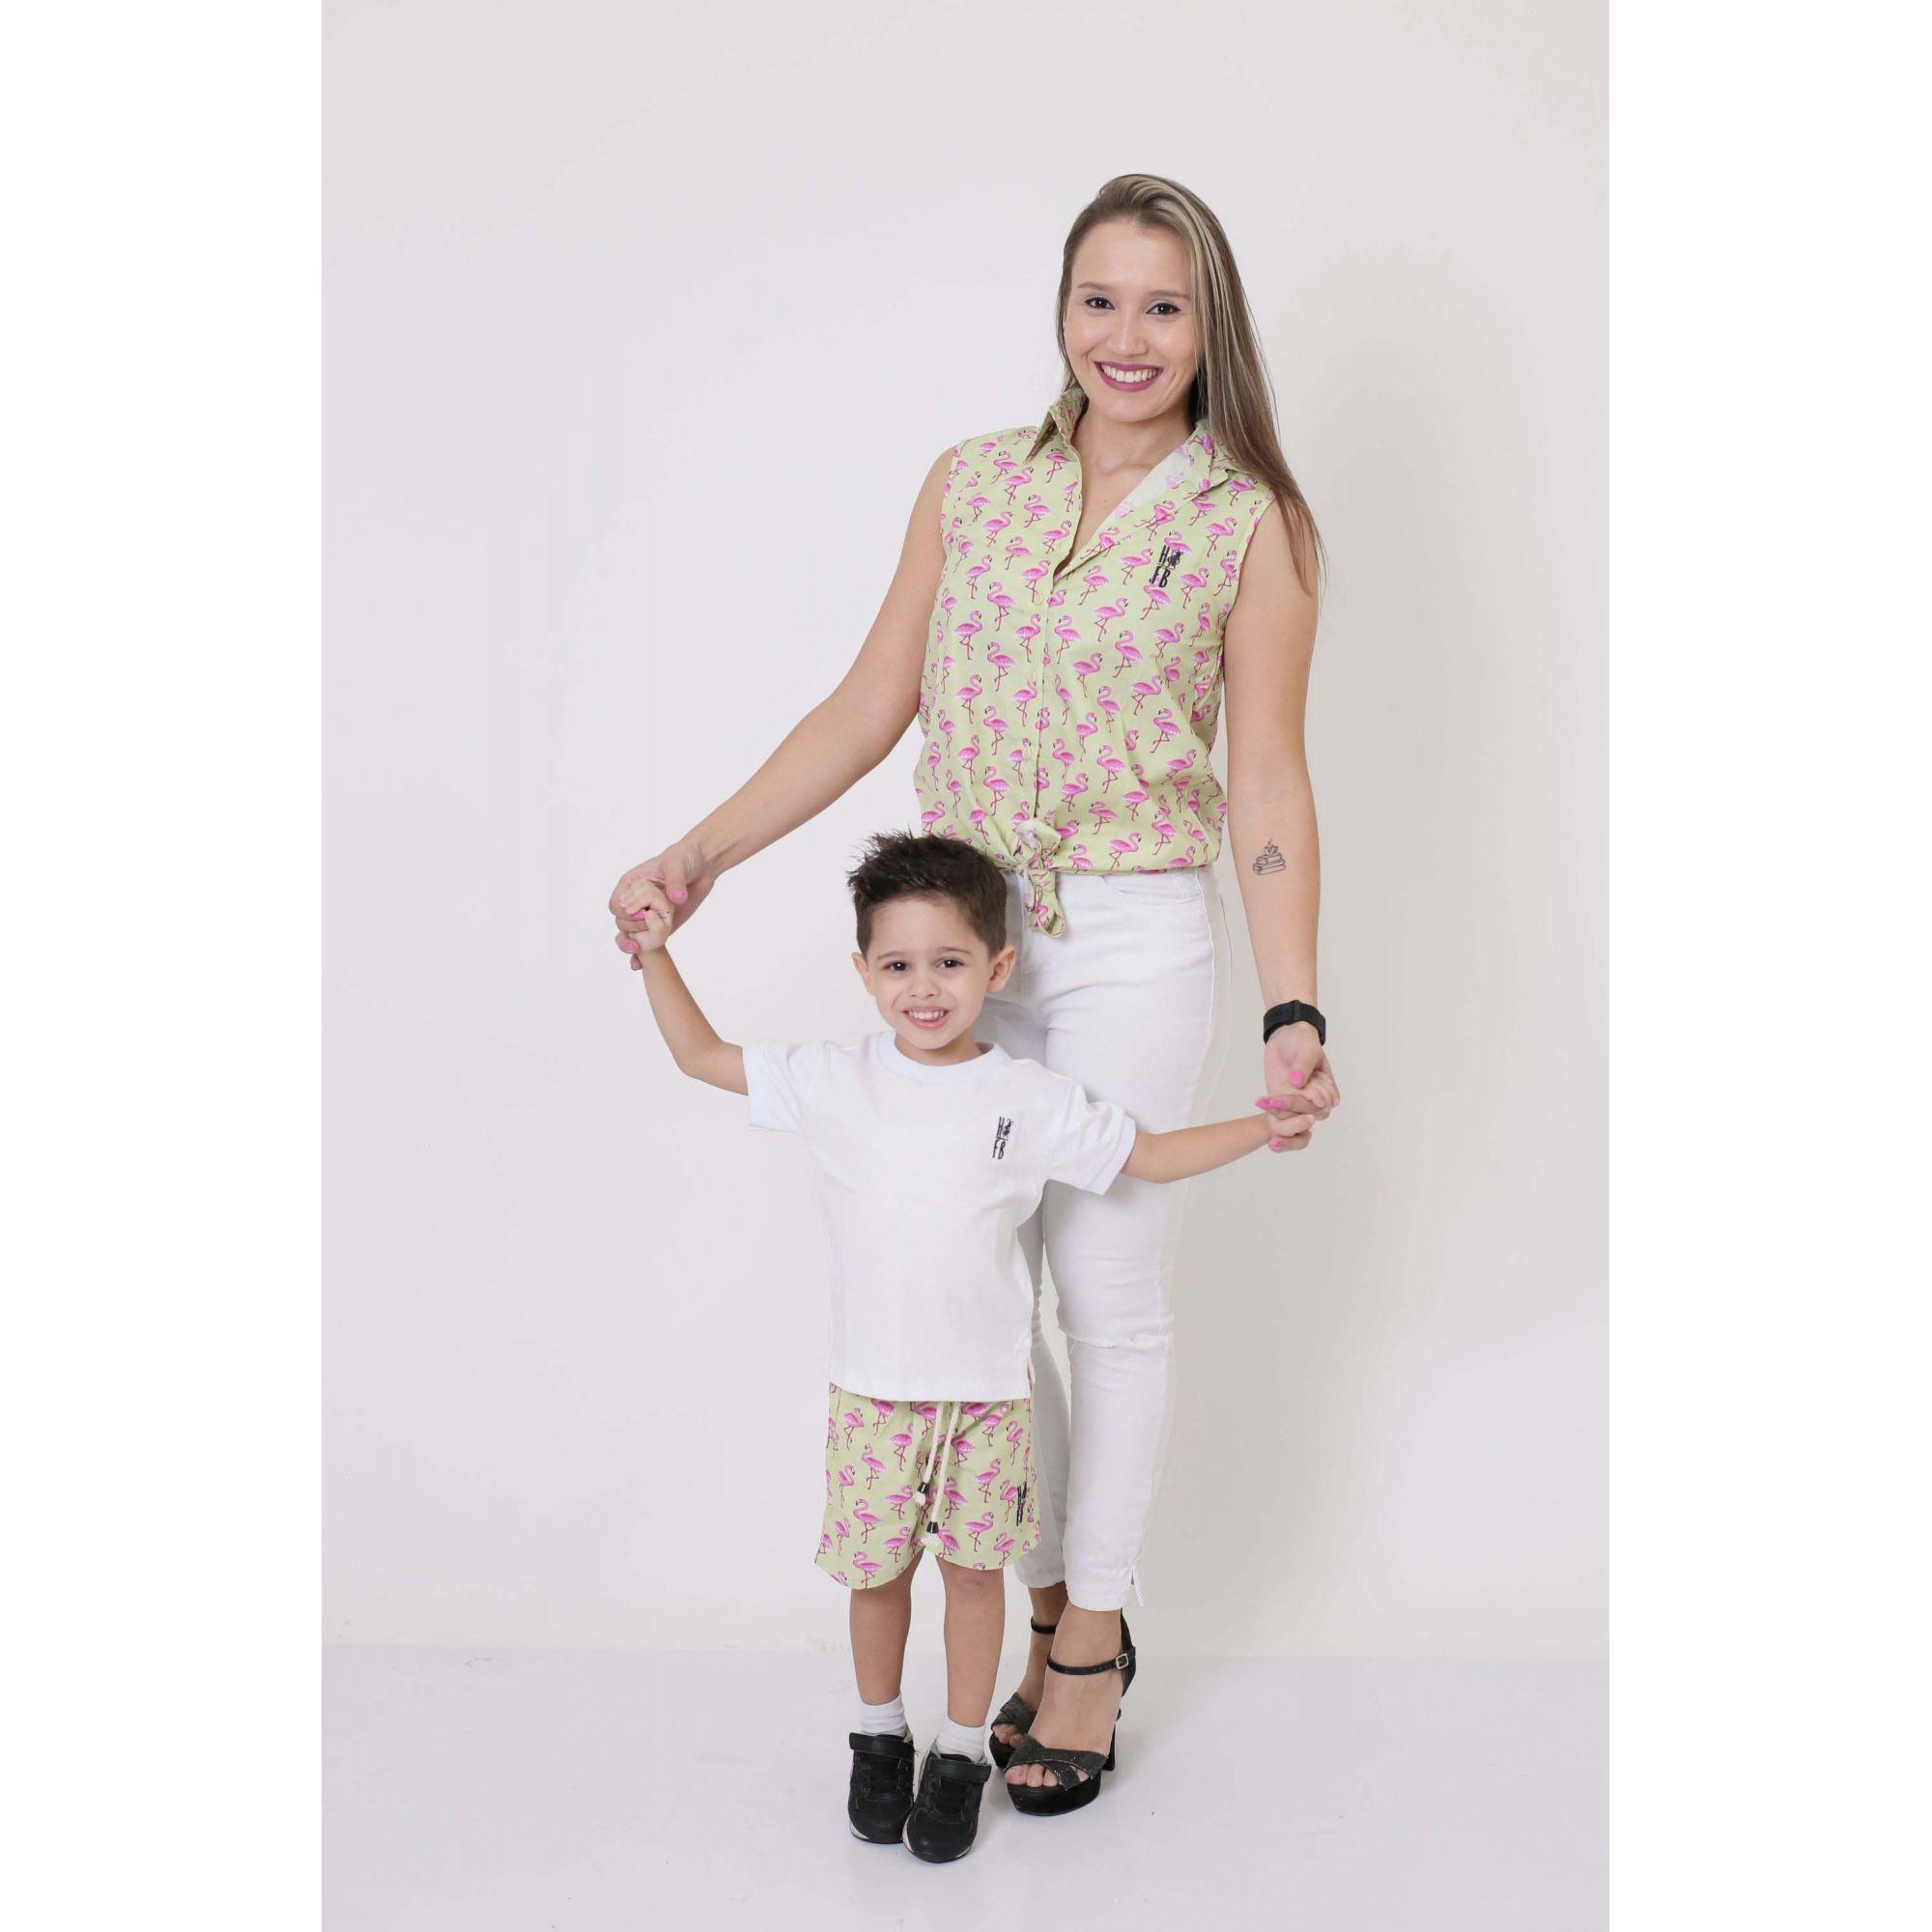 MÃE E FILHO > Camisa Feminina + Bermuda Infantil Flamingos [Coleção Tal Mãe Tal Filho]